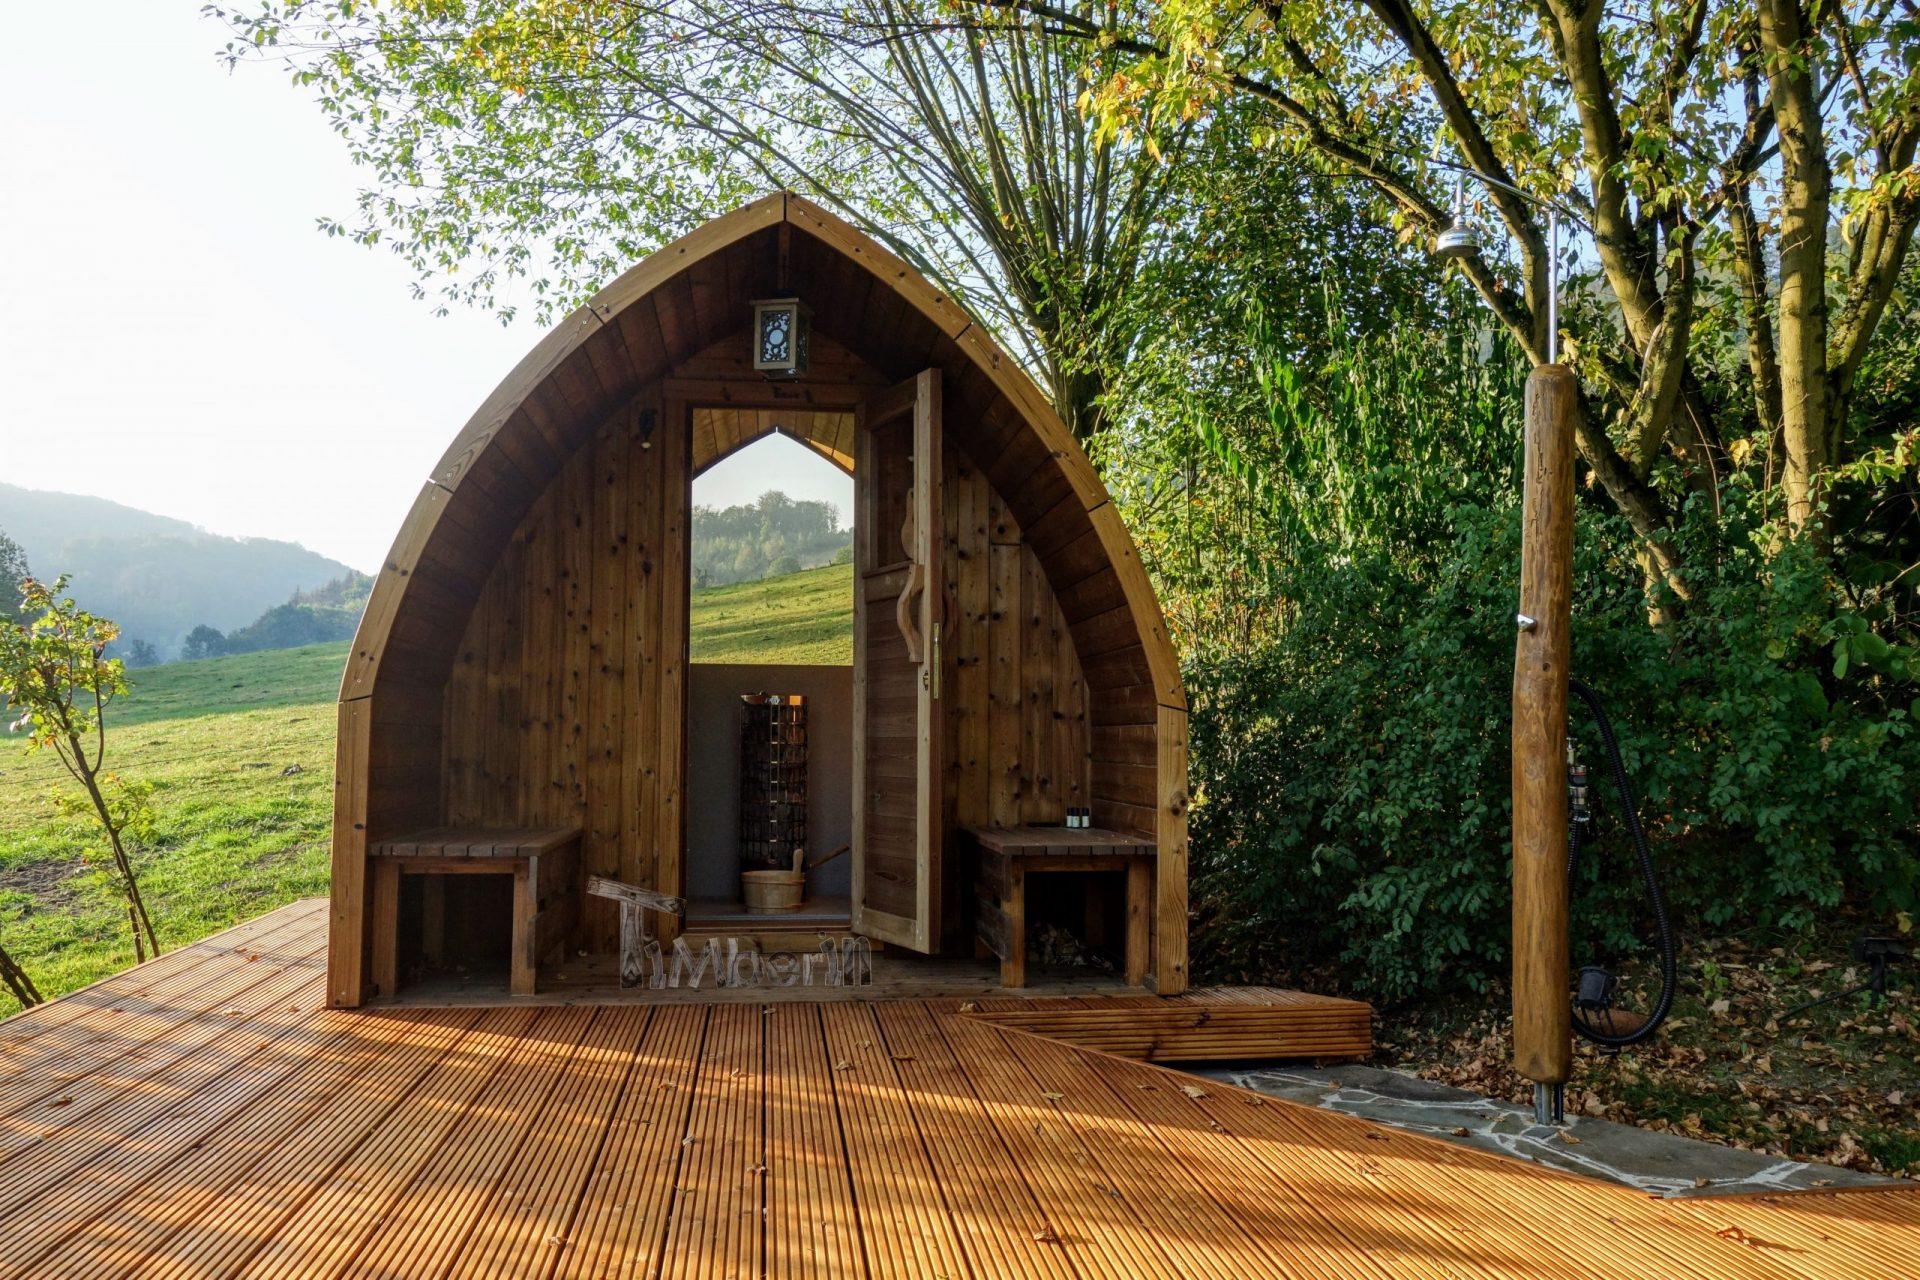 Aussensauna Gartensauna Iglu Pod mit Holzofen Elektrisch 2 scaled